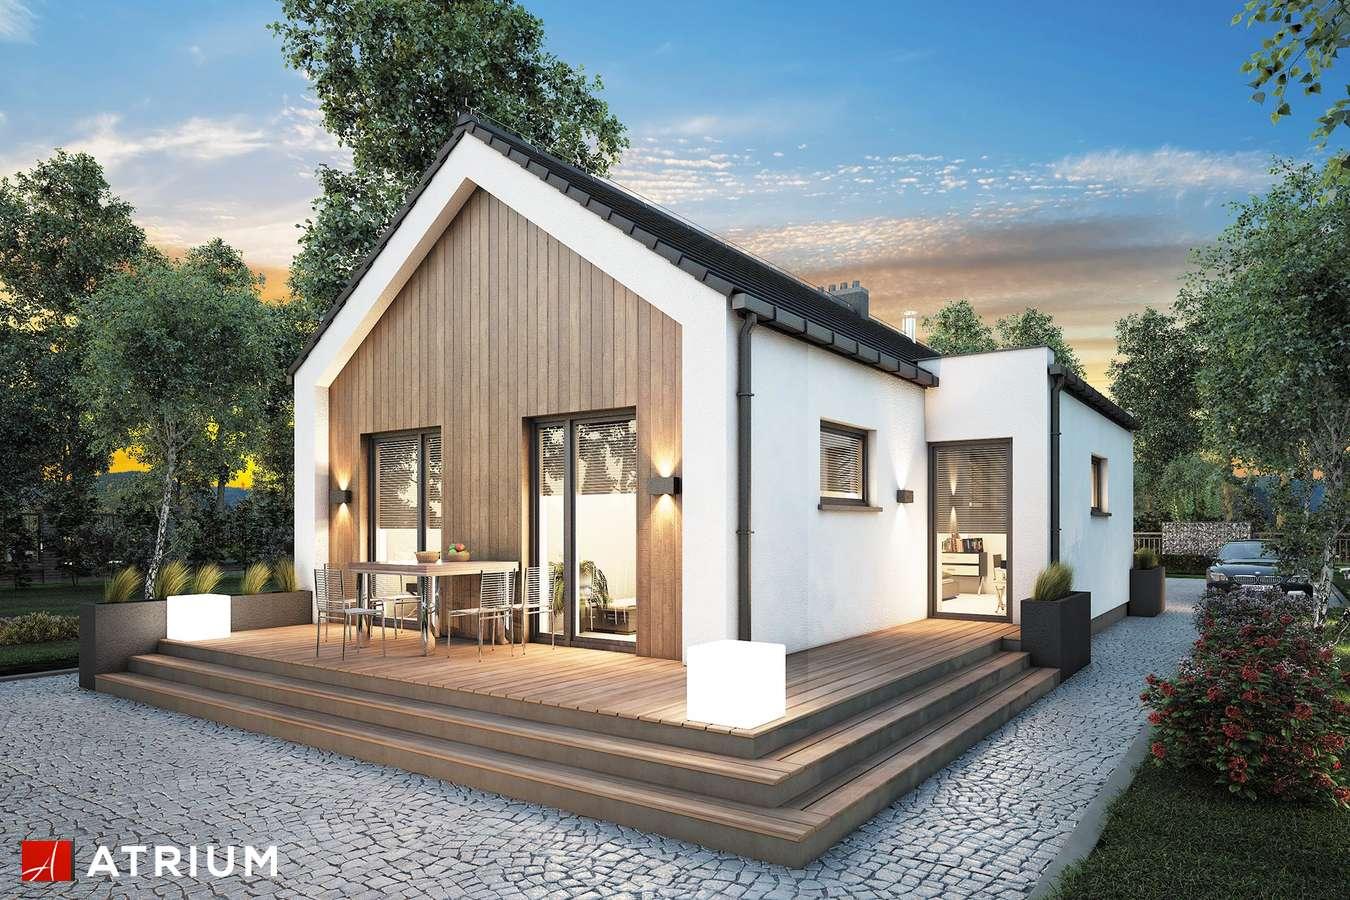 Projekty domów - Projekt domu parterowego NEPTUN III - wizualizacja 2 - wersja lustrzana